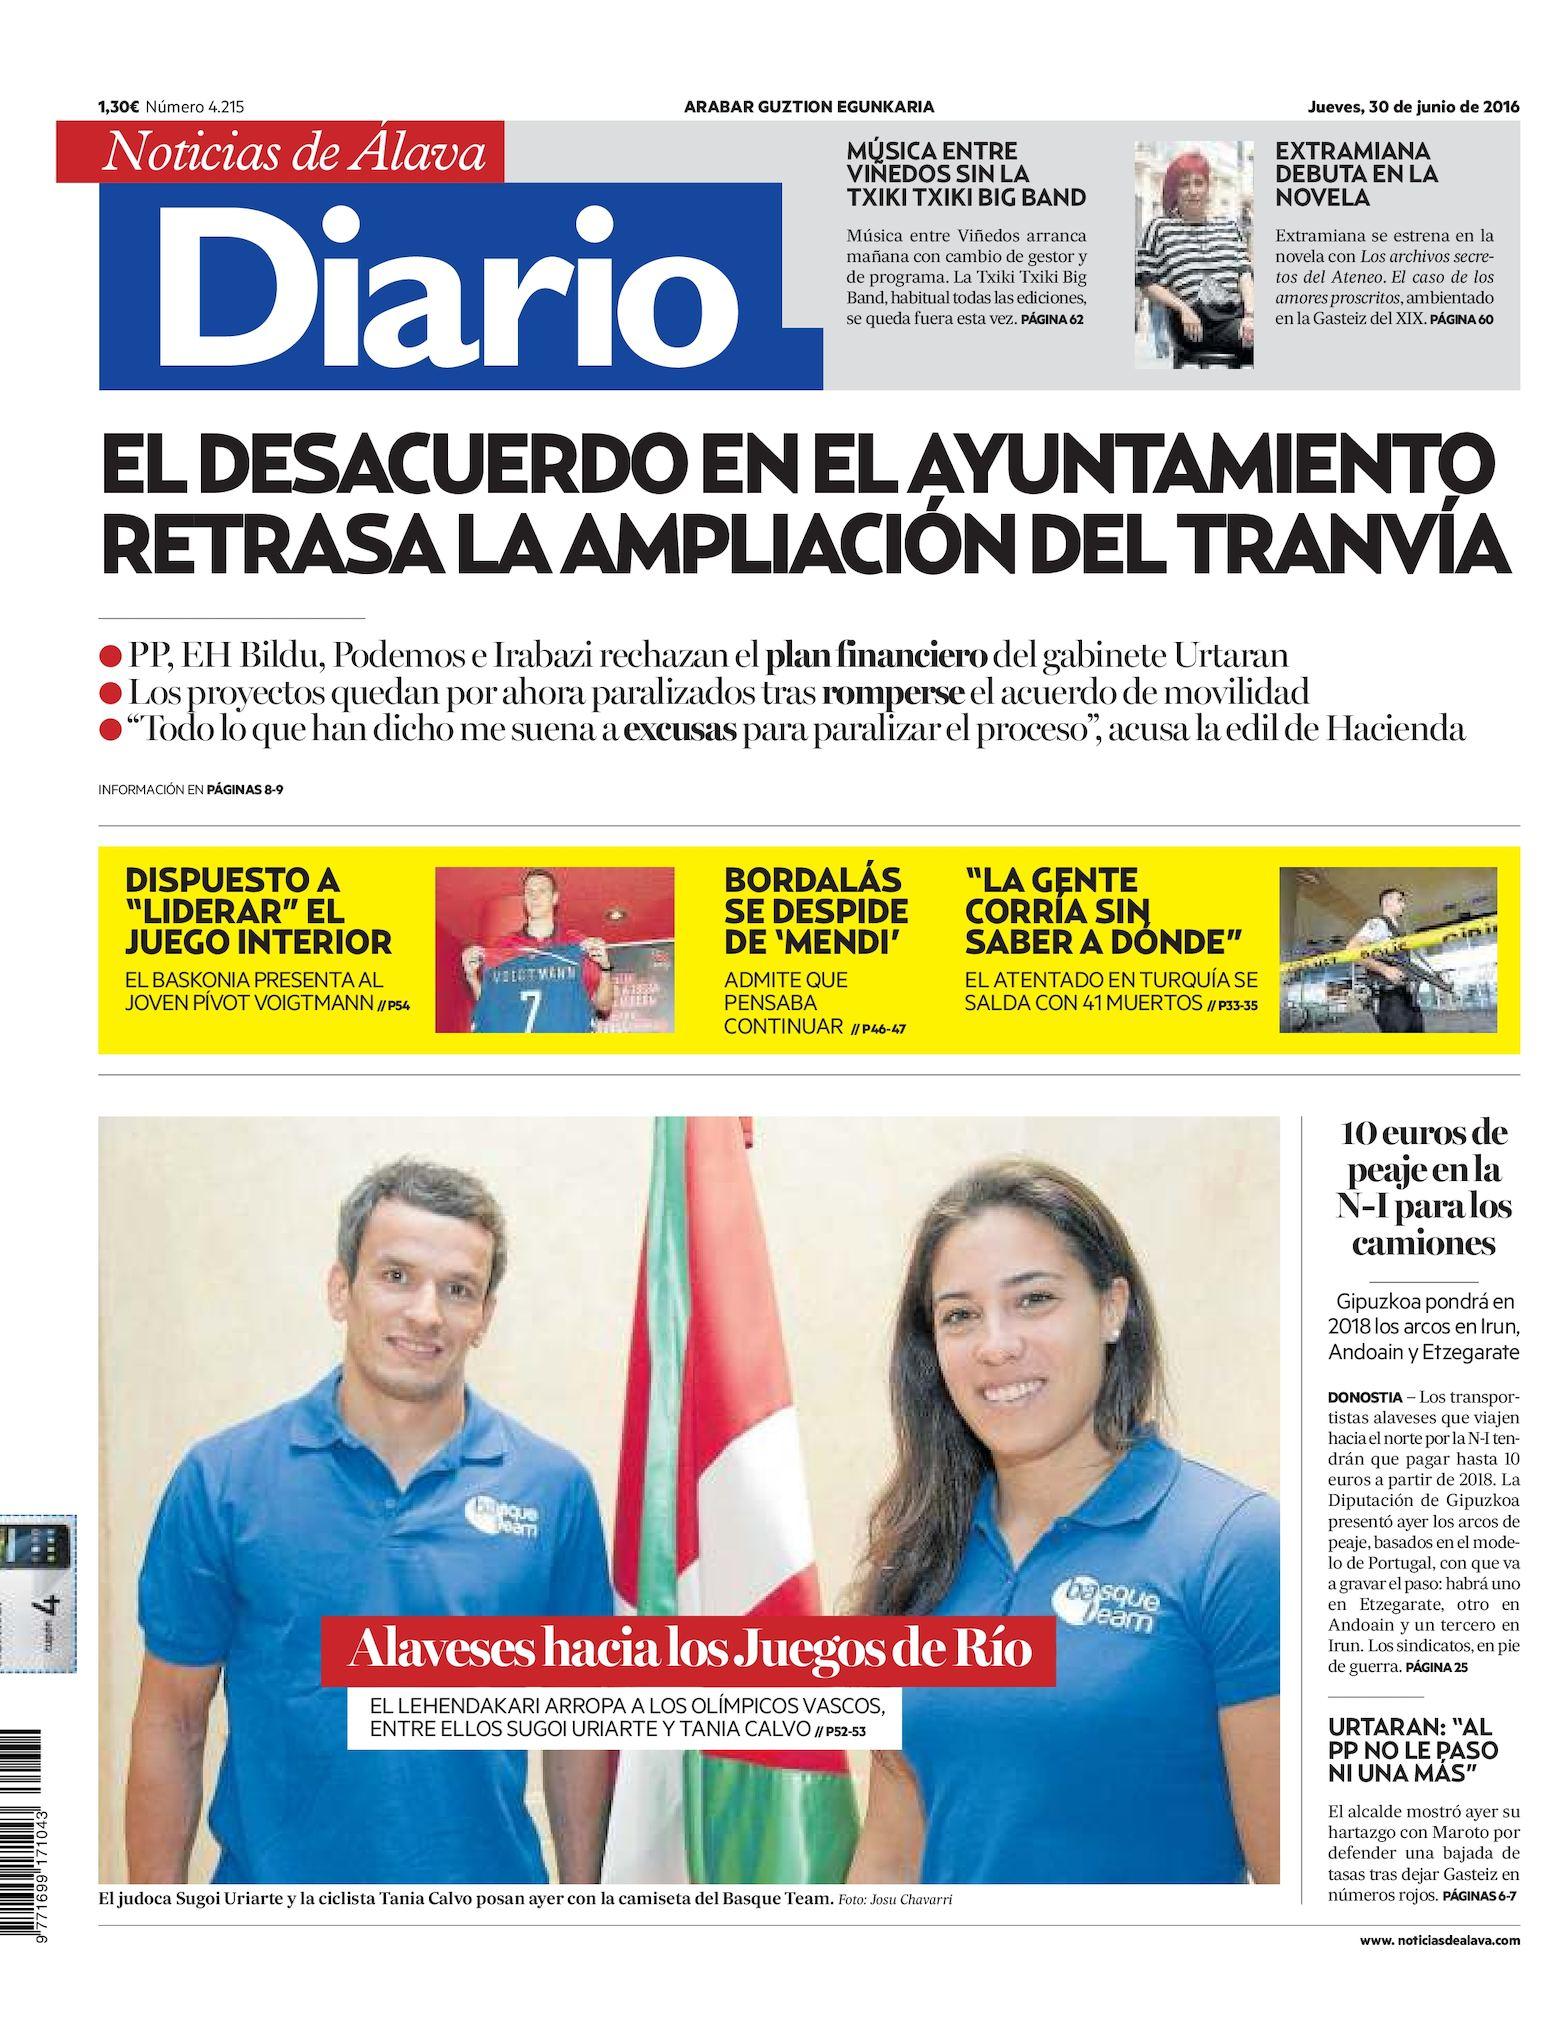 7ce3378538 Calaméo - Diario de Noticias de Álava 20160630